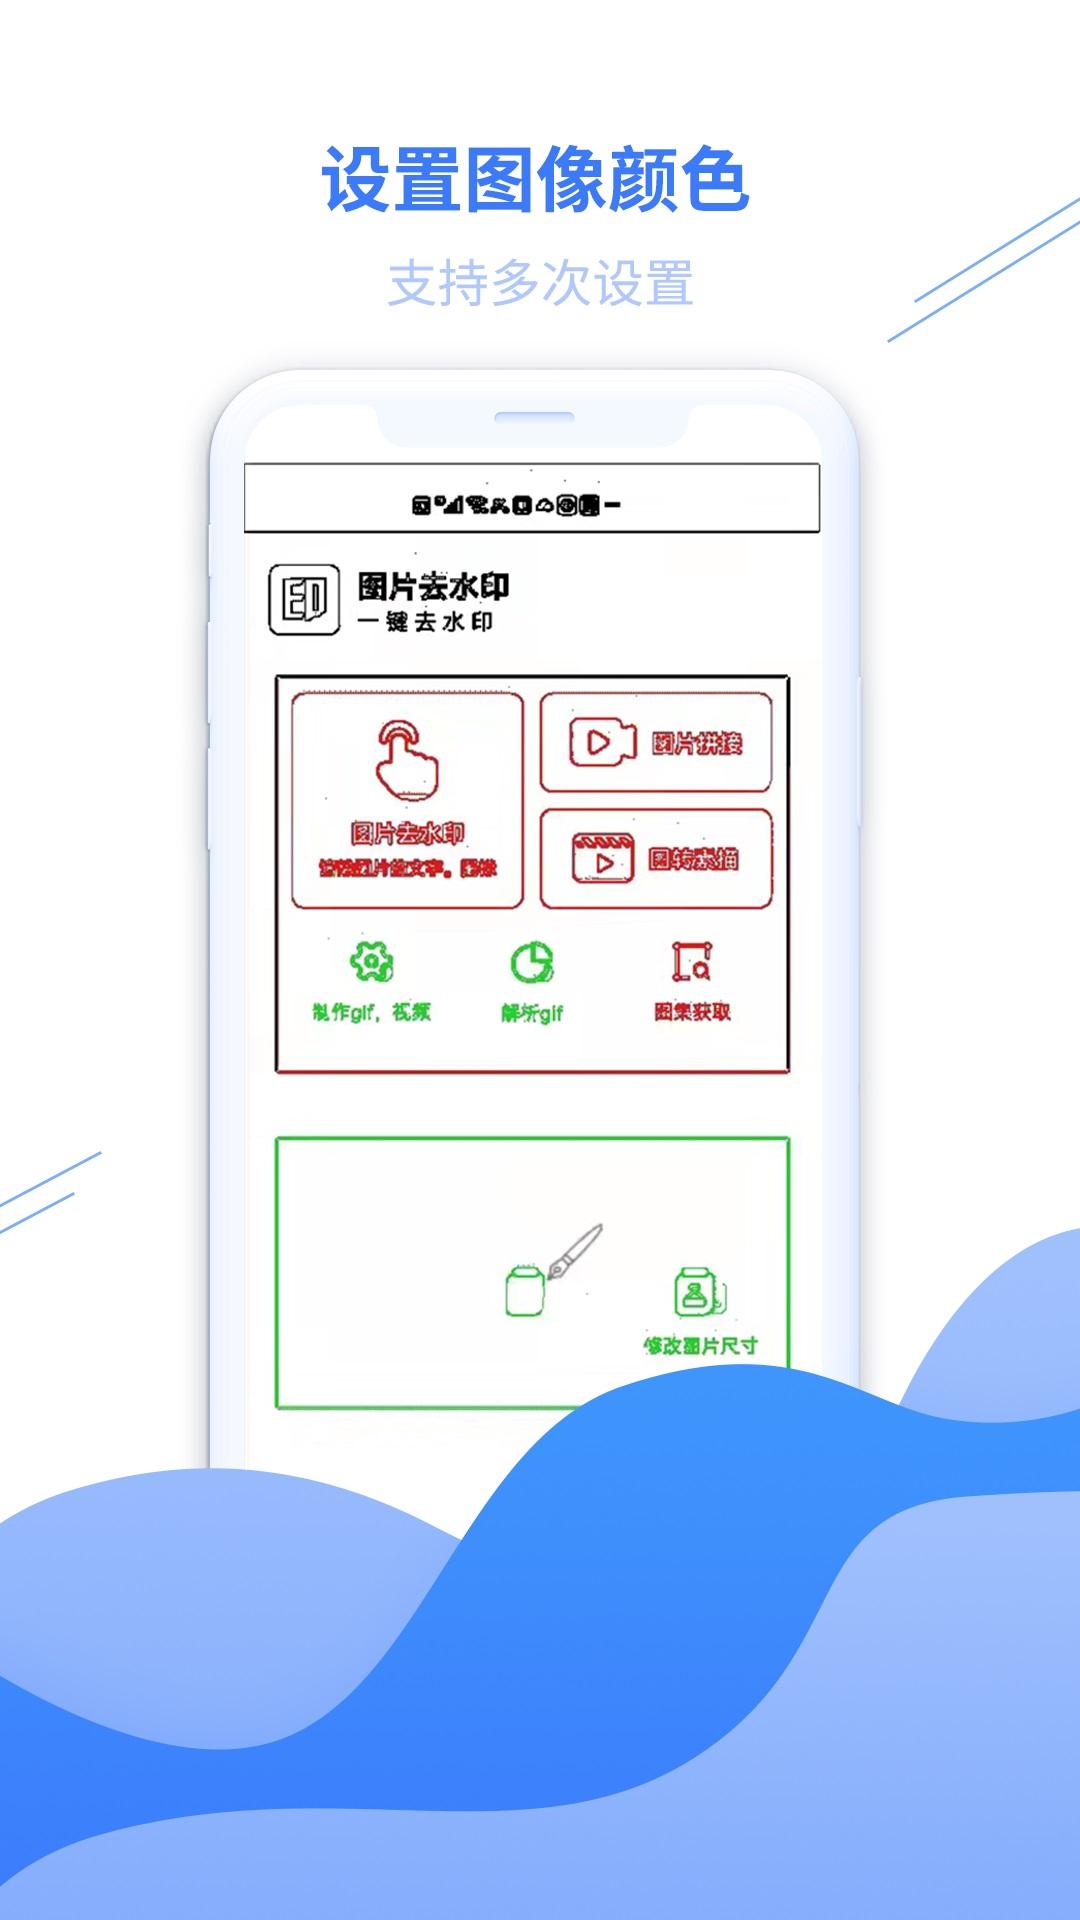 图片去水印黄豆人app免费版图1: